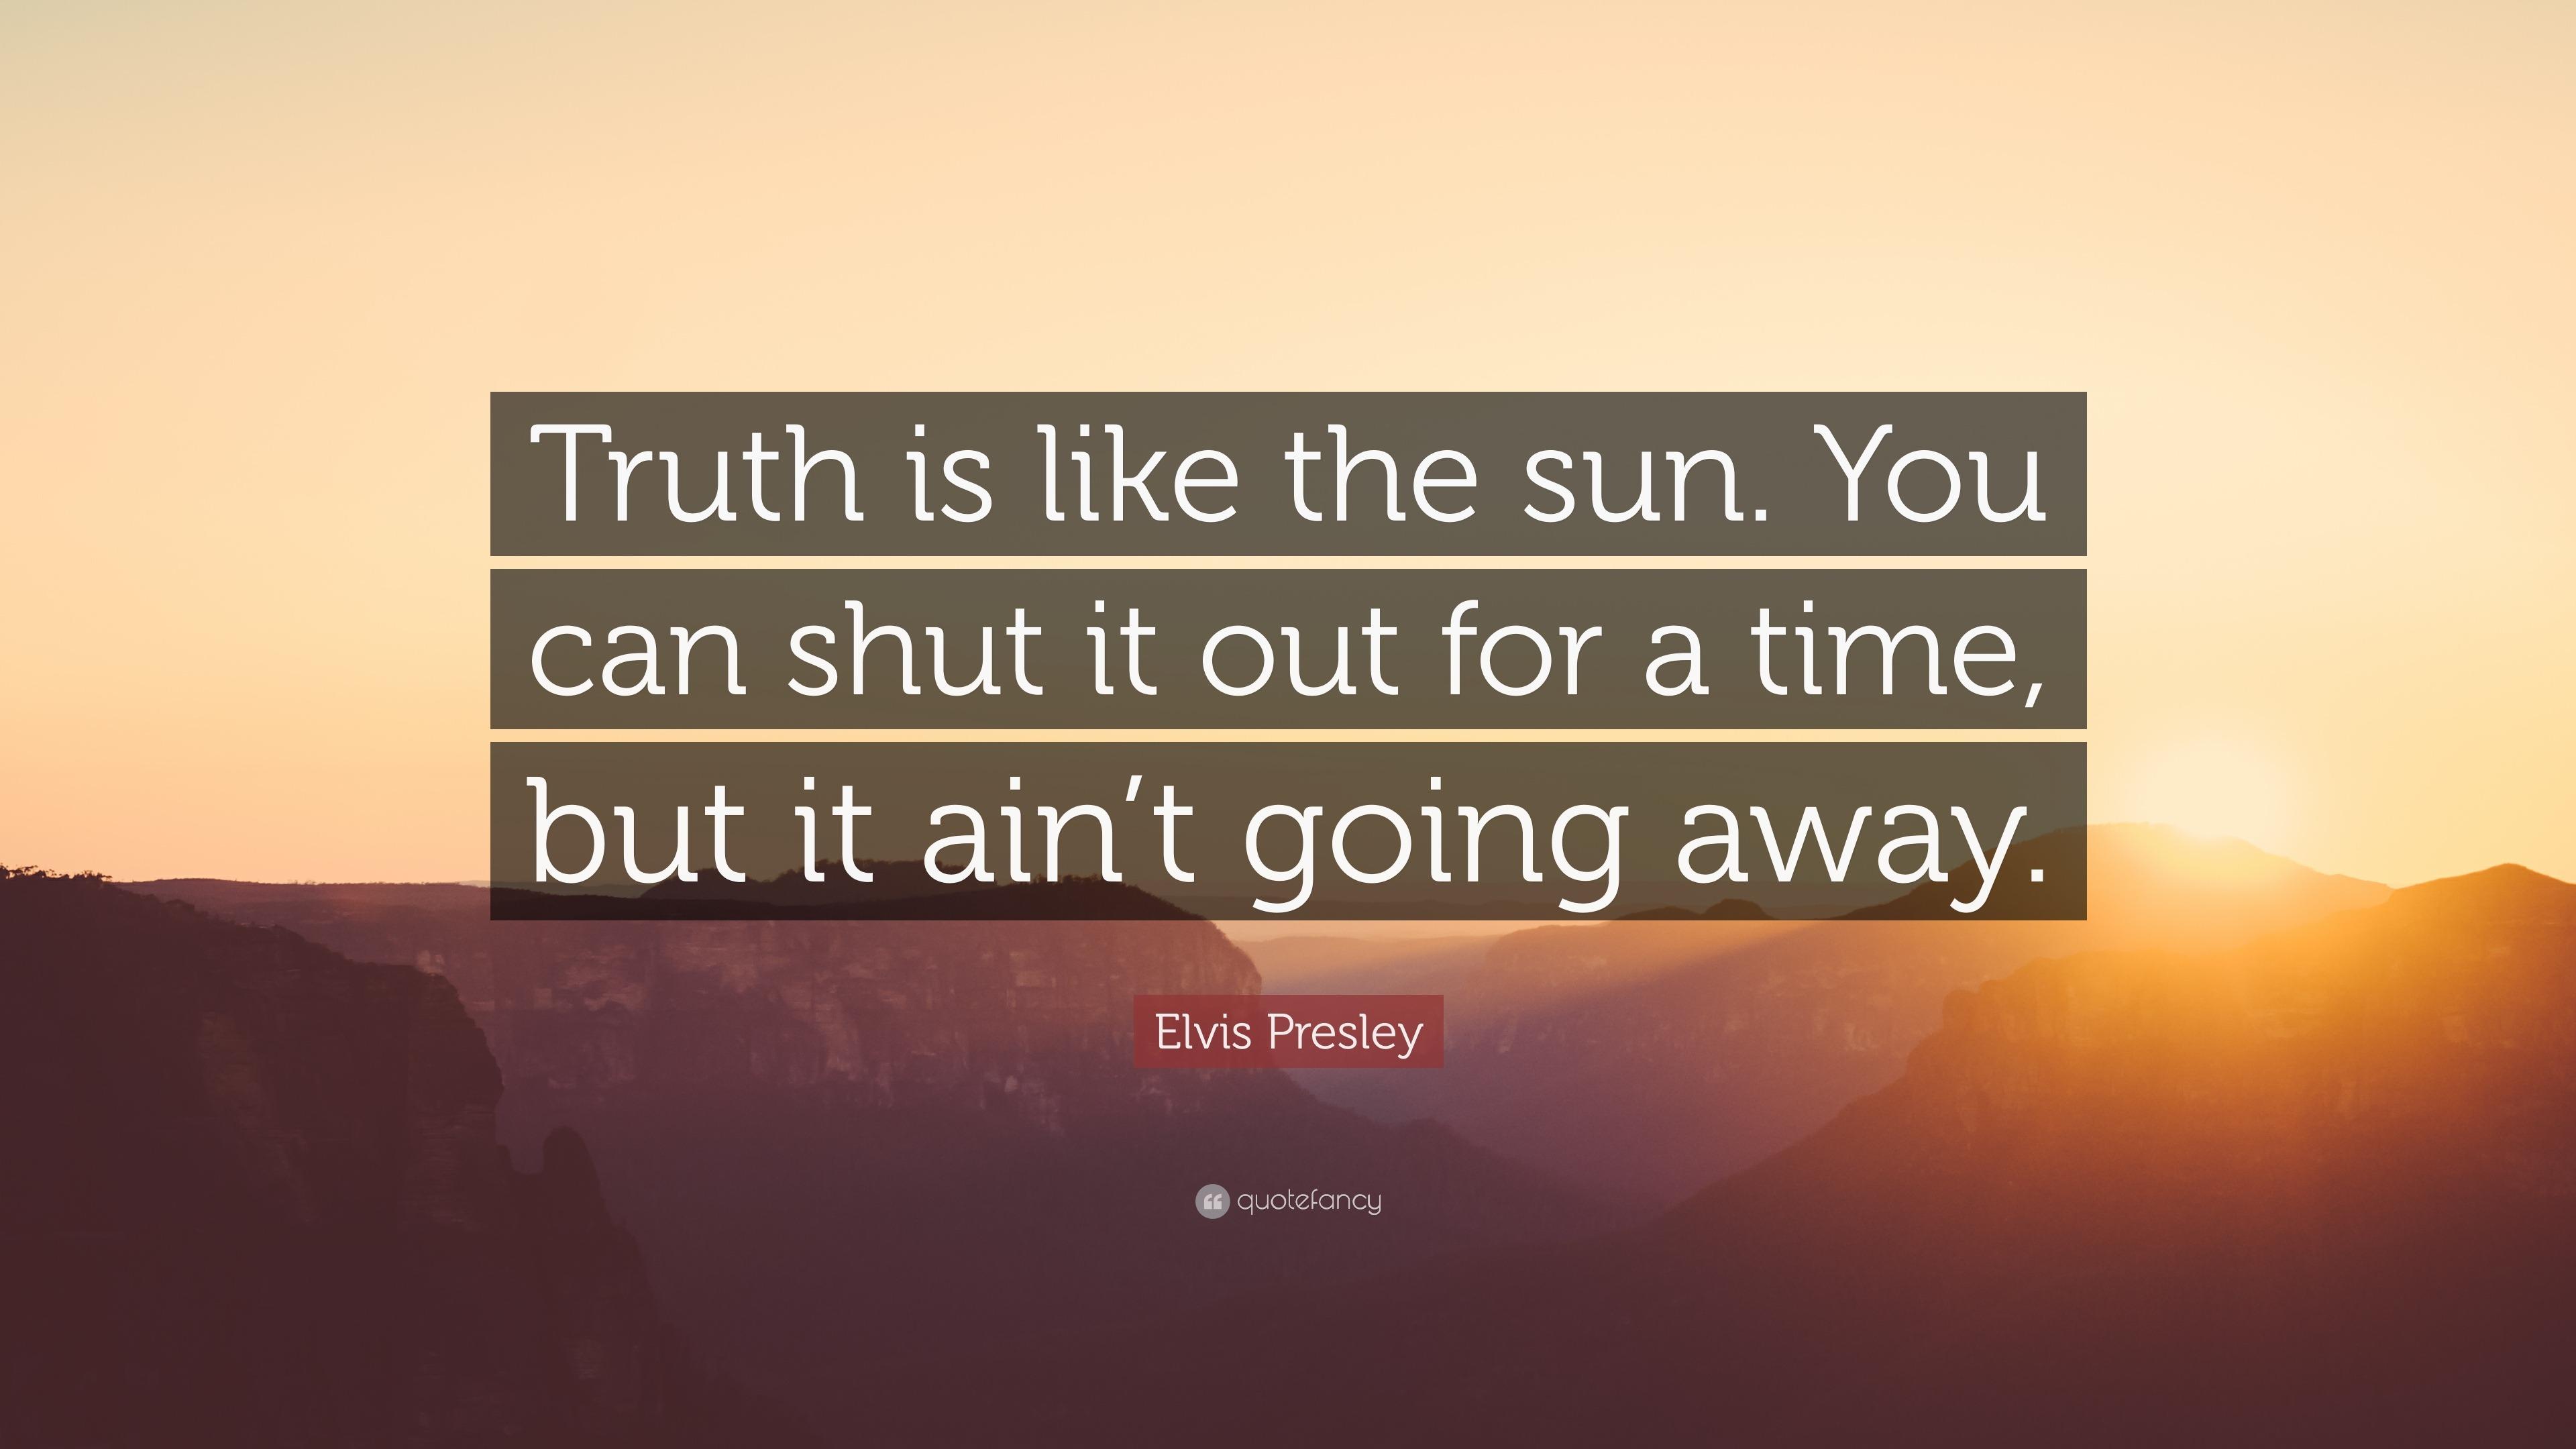 Elvis Presley Quotes (7 wallpapers) - Quotefancy